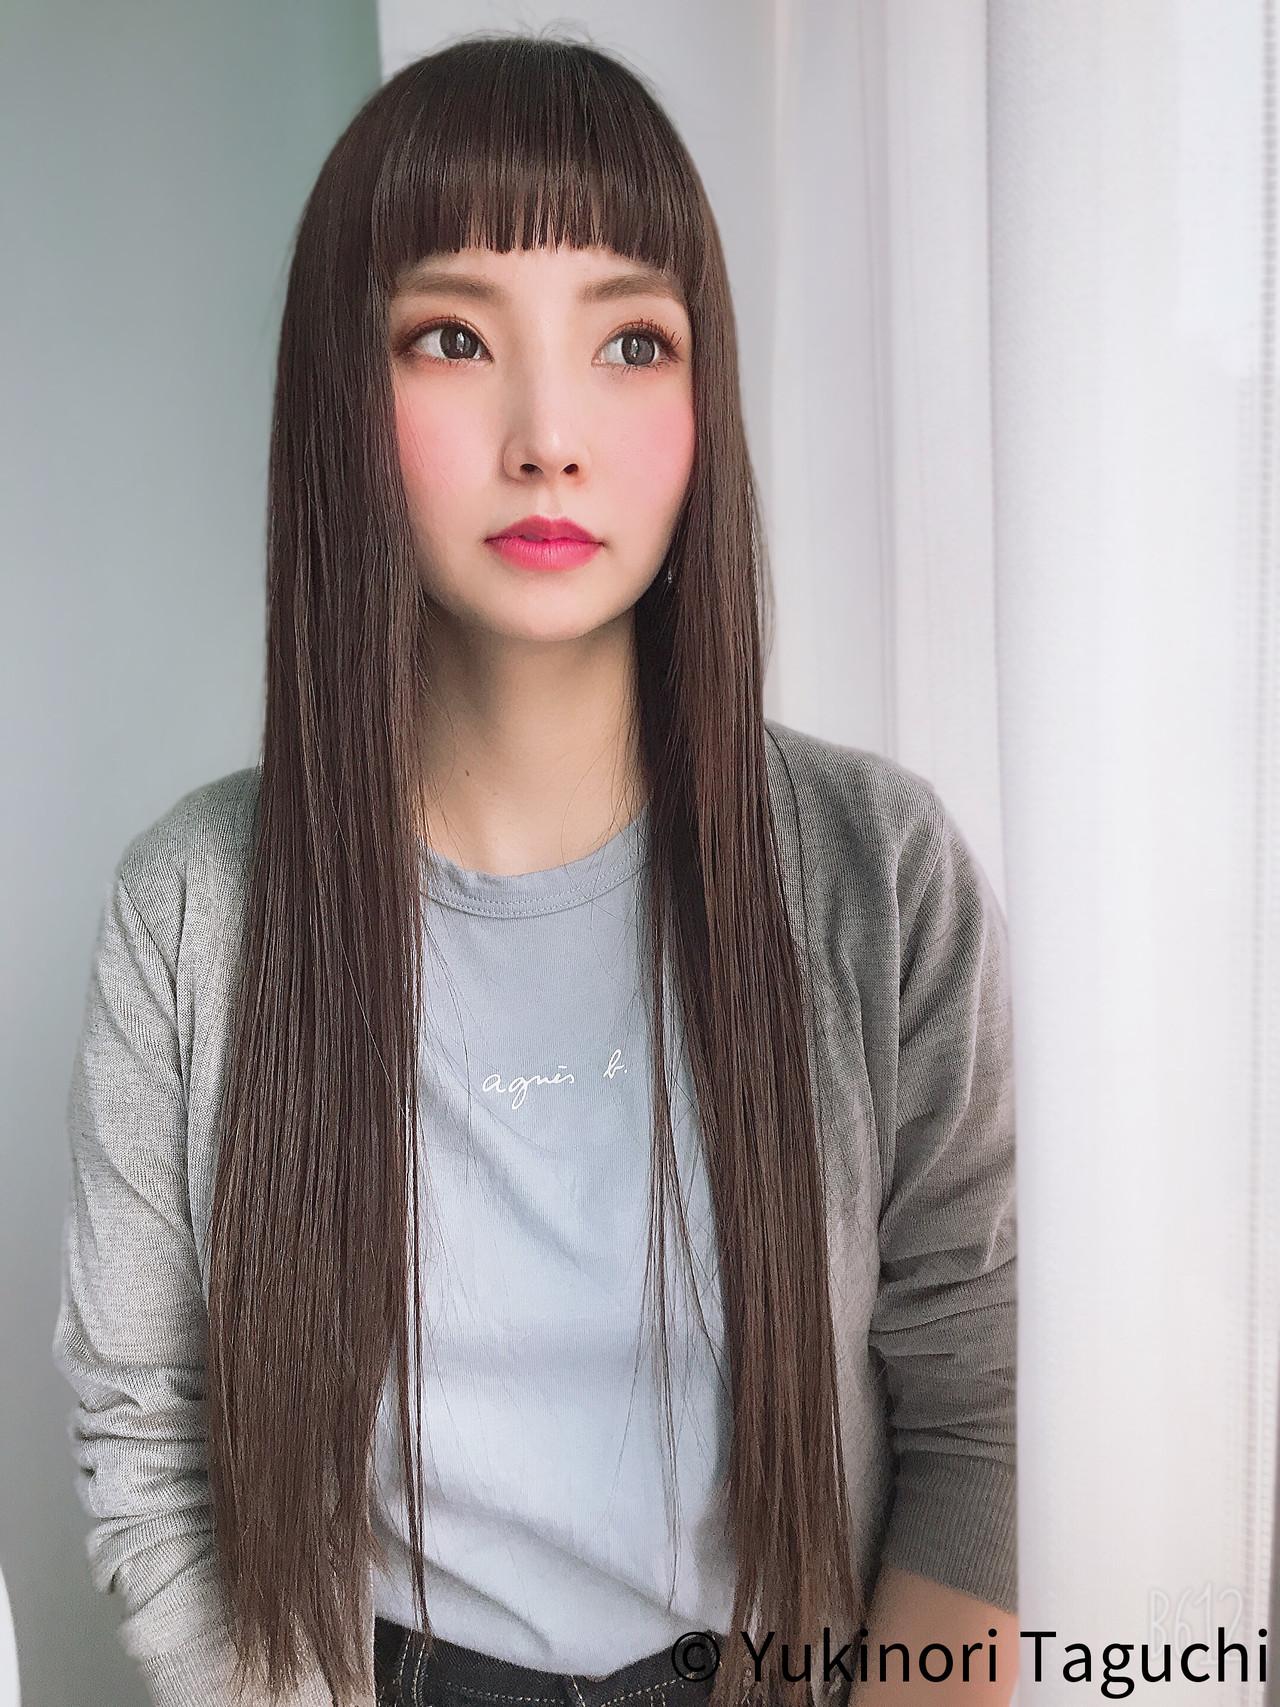 ロング 前髪パッツン ガーリー 大人カジュアル ヘアスタイルや髪型の写真・画像 | Yukinori Taguchi / Belle  Coupes